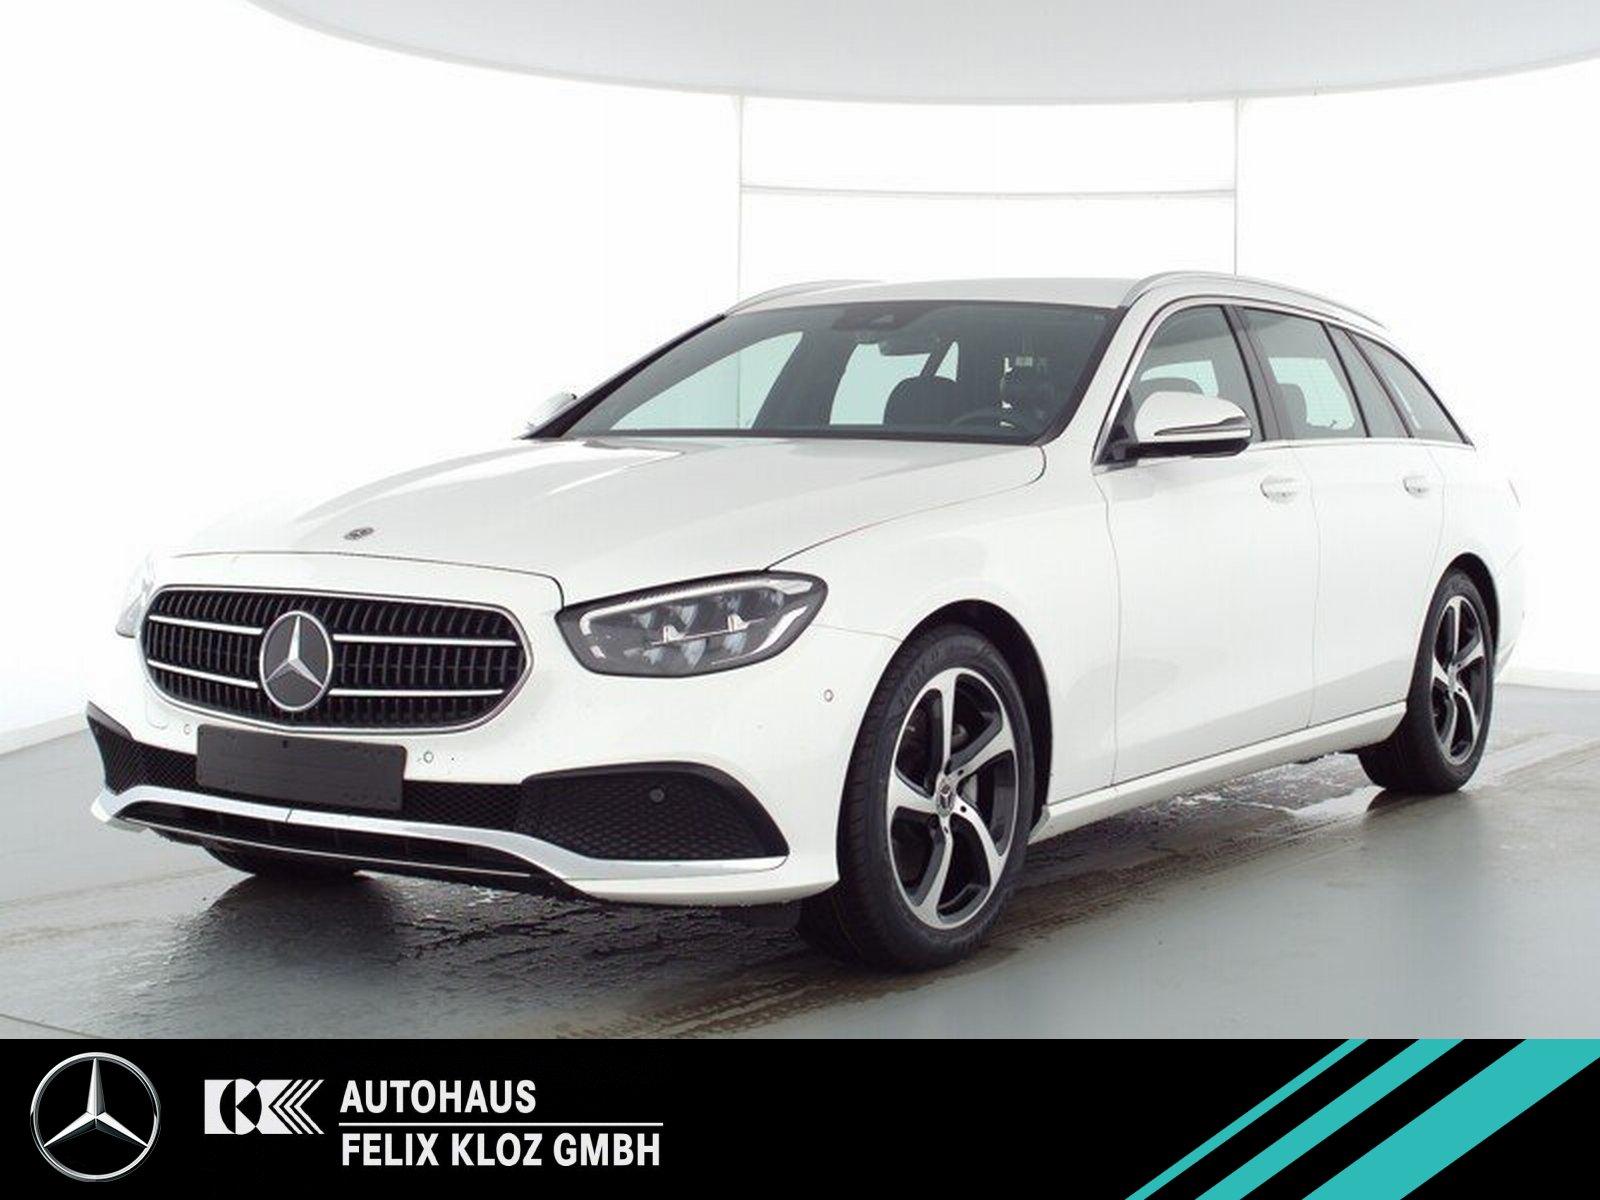 Mercedes-Benz E 200 T Avantgarde Totwink*Rückkamera*MBUX-High*, Jahr 2020, Benzin